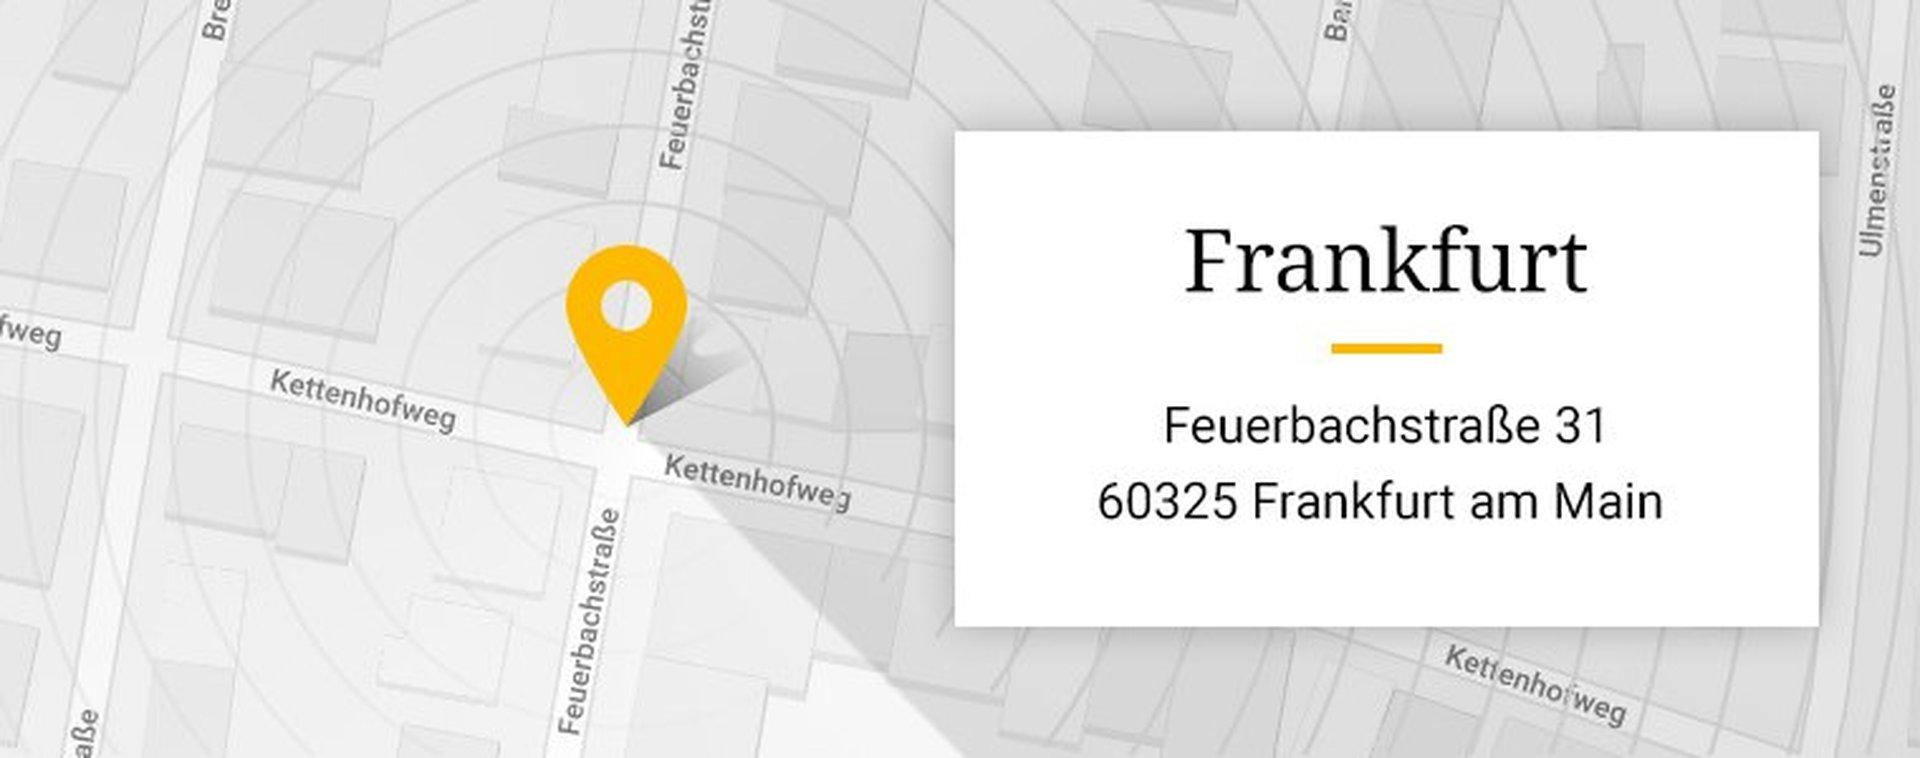 McMakler-Standort in der Feuerbachstrasse 31